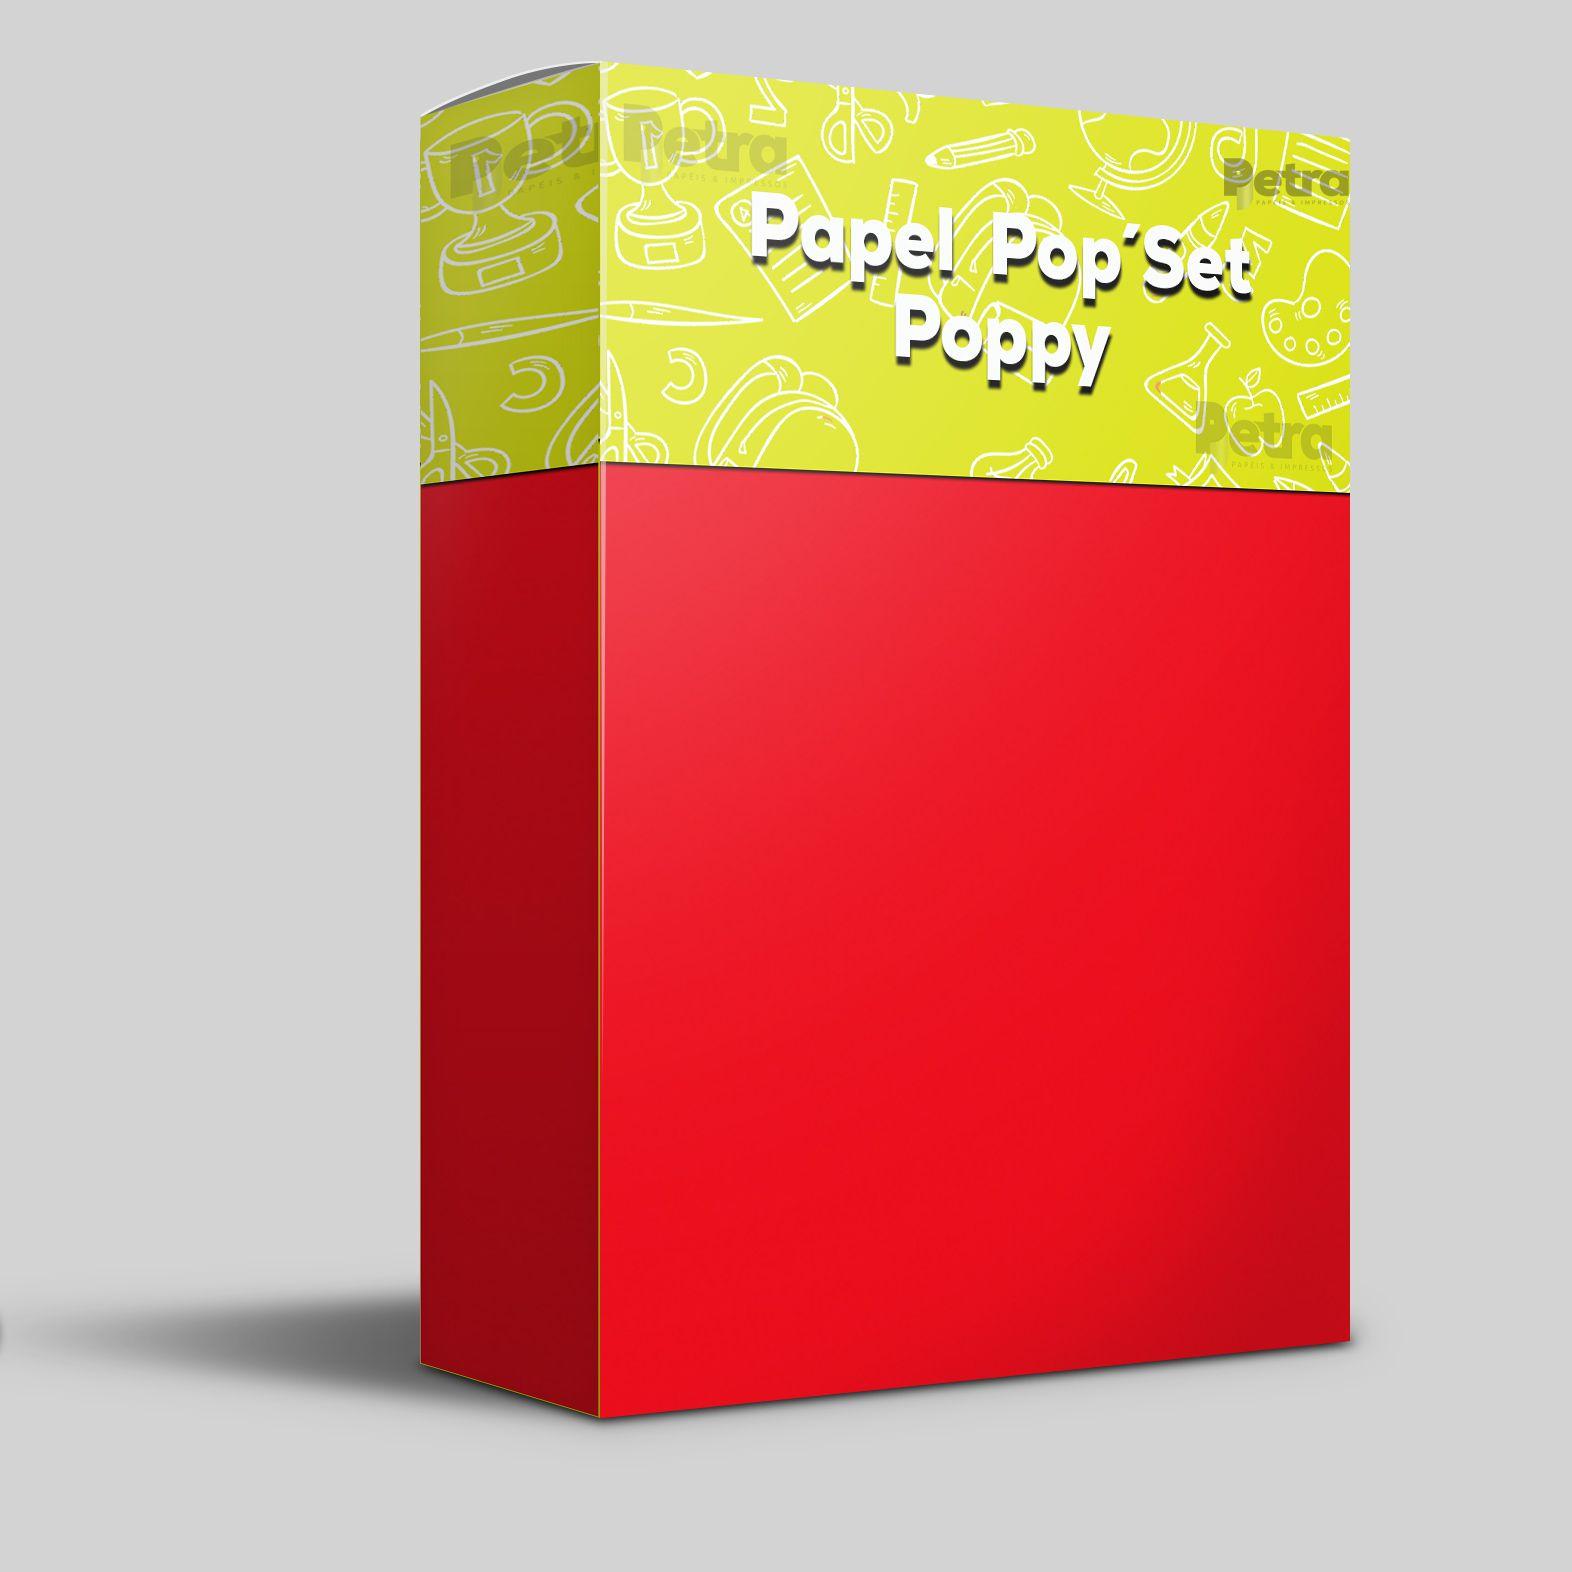 Pop Set  Poppy ( vermelho )  - Tam. A4 -170g/m² - 20 folhas